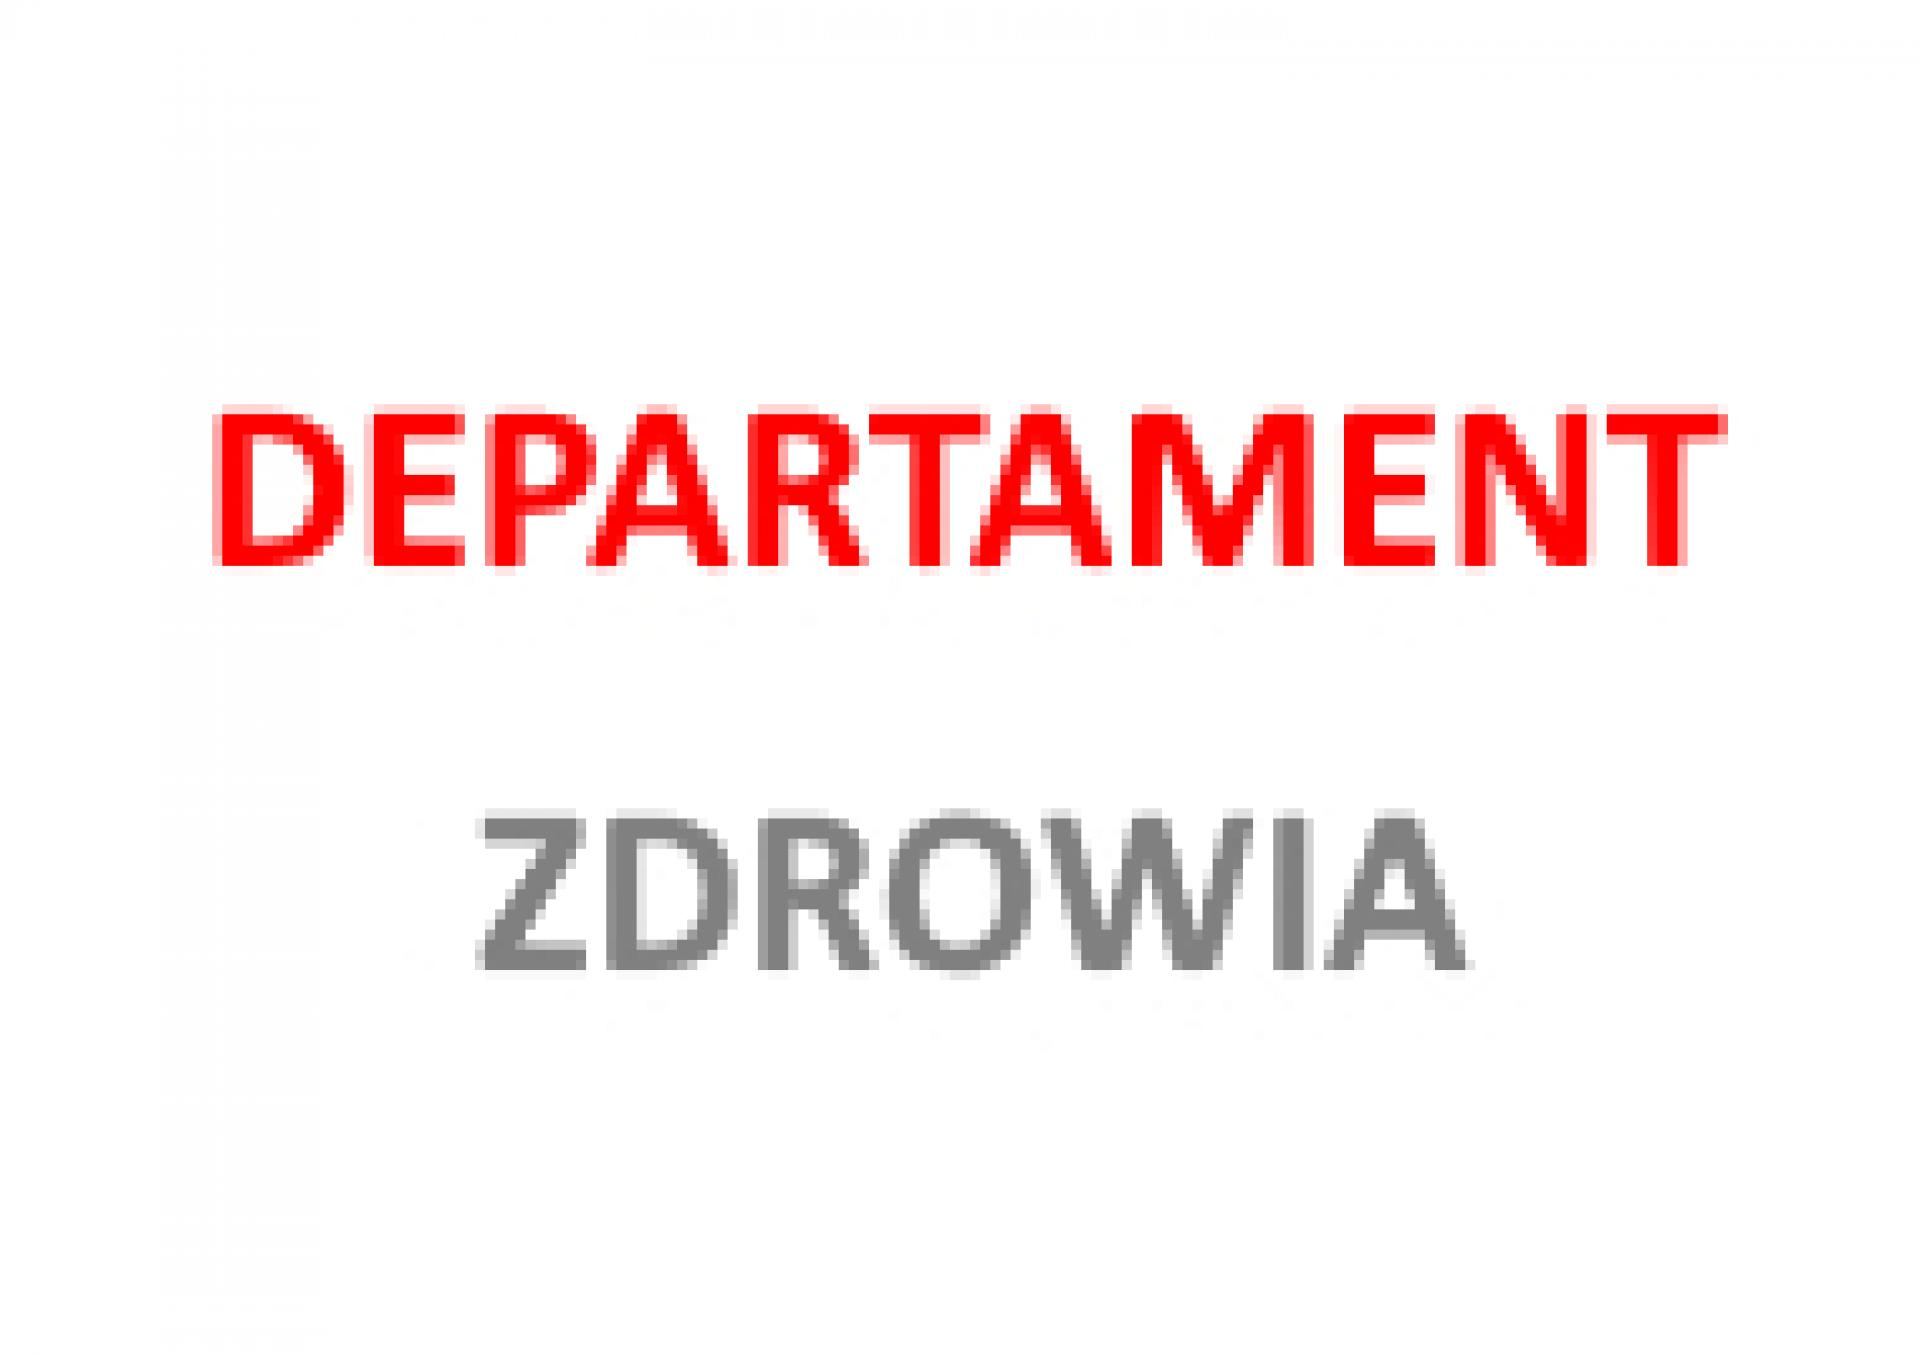 Zawiadomienie dotyczące konsultacji społecznych w sprawie nadania statutu Wielkopolskiemu Centrum Pulmonologii i Torakochirurgii w Poznaniu - zobacz więcej